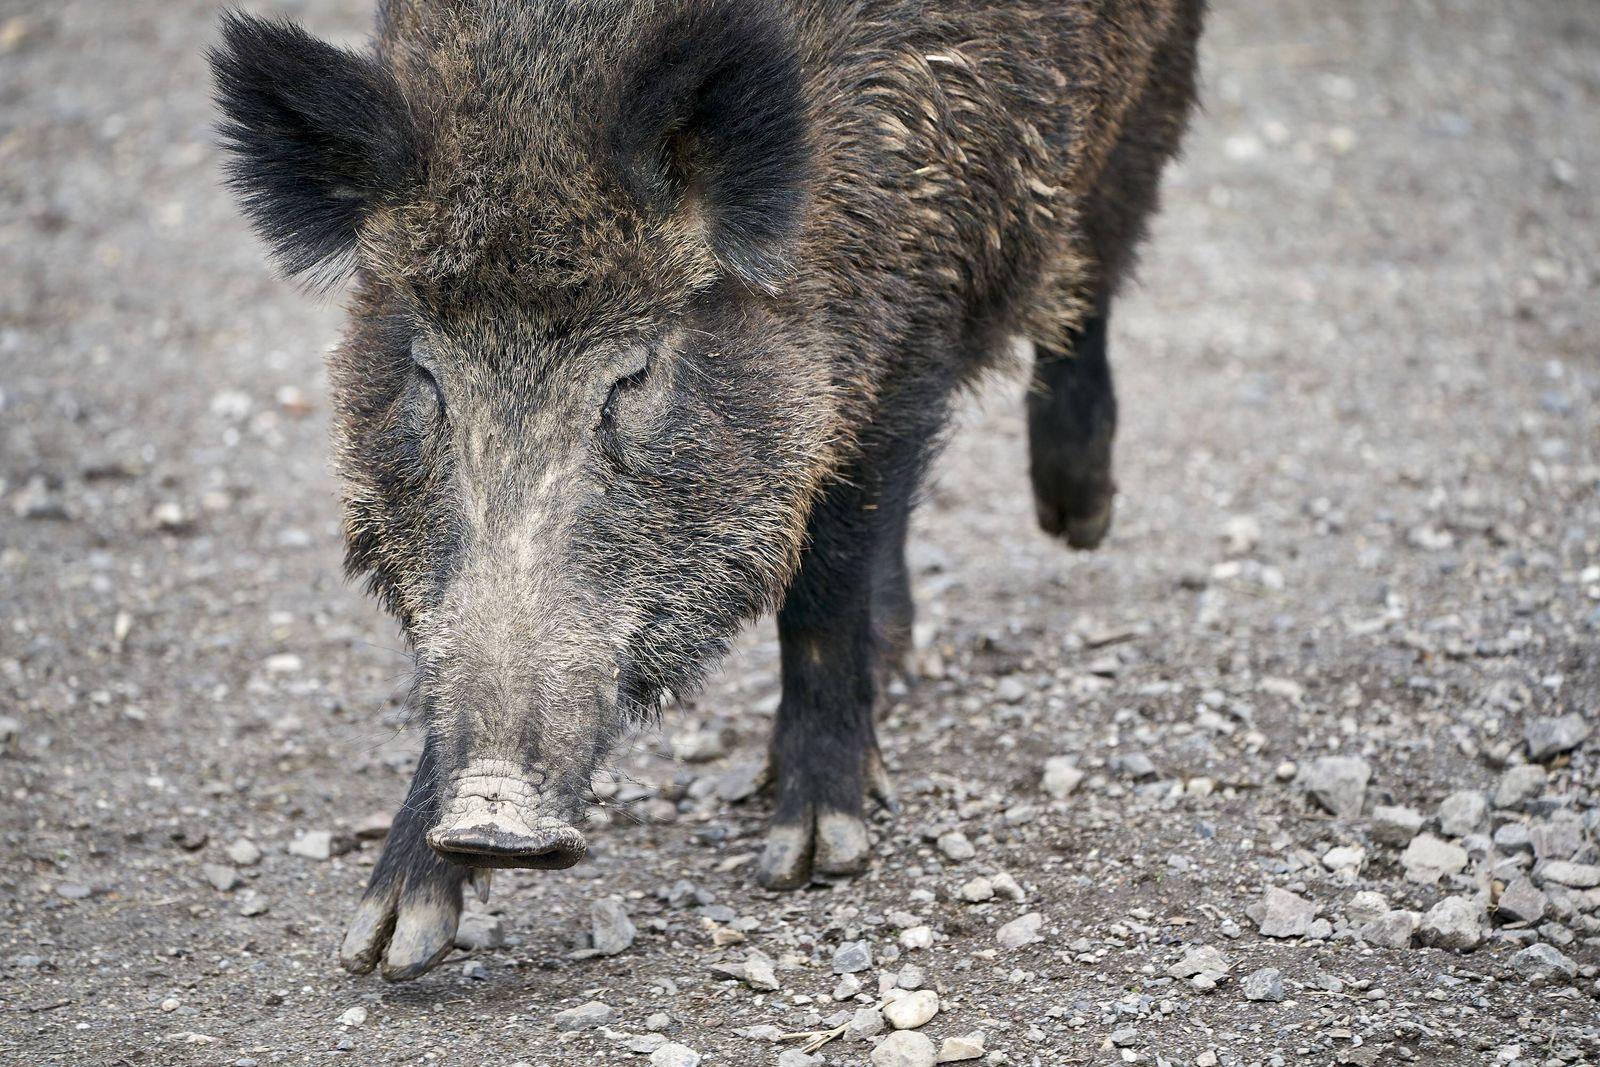 Wildschwein am Remstecken 26.03.2019, Rheinland-Pfalz, Koblenz: Ein Wildschwein erkundet in einem weitläufigen Gehege a